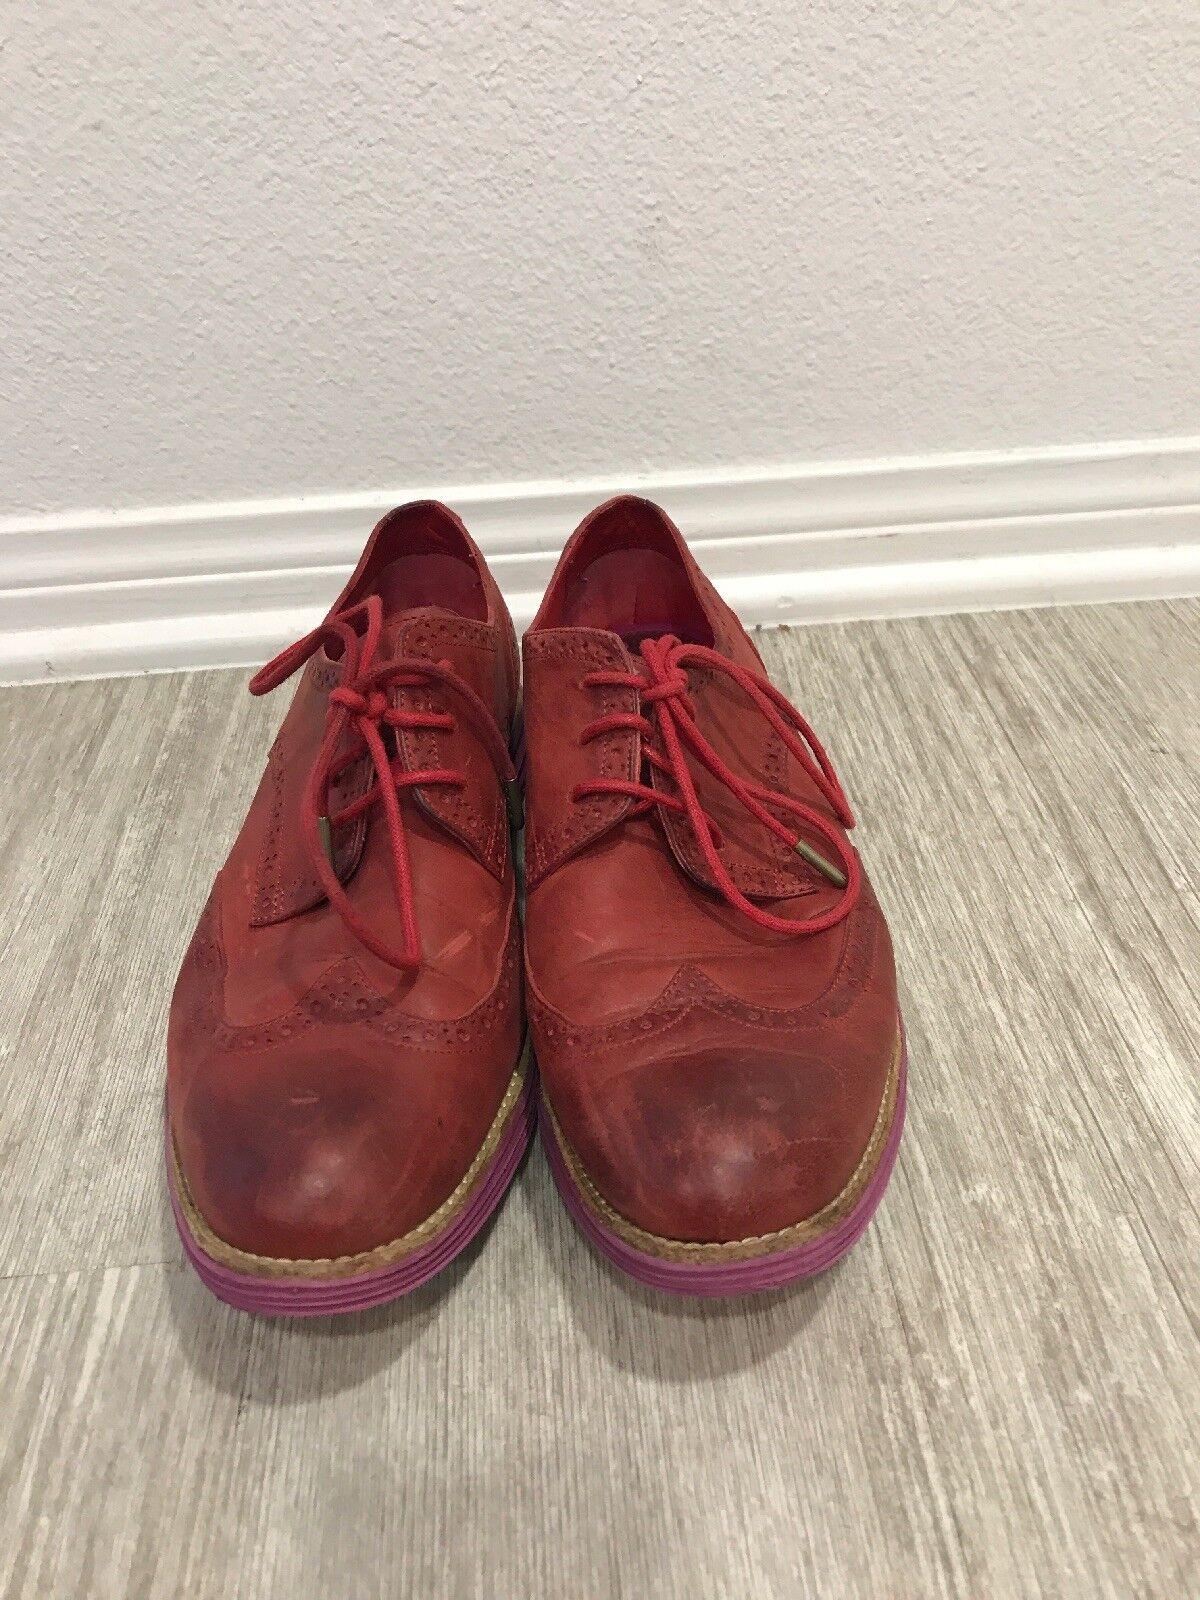 Cole haan lunargrand para para para mujer Talla 10.5 Cuero Rojo rosado punta del ala Oxford Derby  Nuevos productos de artículos novedosos.